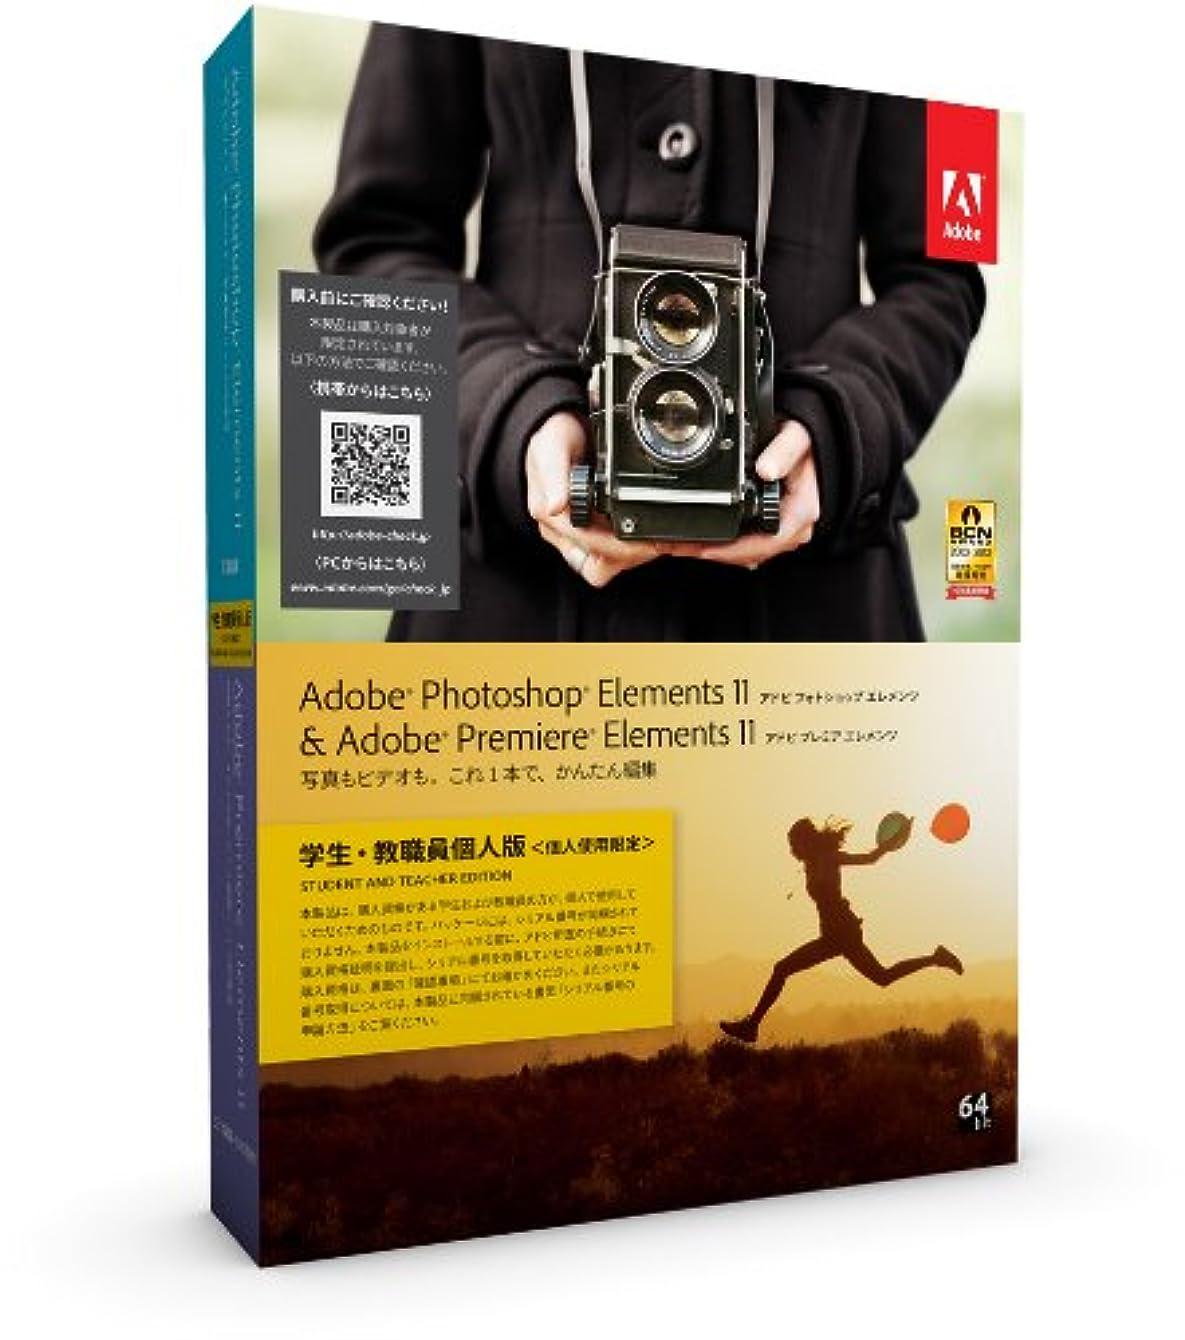 柱優遇トリクル【旧商品】学生?教職員個人版  Adobe Photoshop Elements 11 & Premiere Elements 11 Windows/Macintosh版 (Elements 12への無償アップグレード対象 2013/12/23まで)  (要シリアル番号申請)